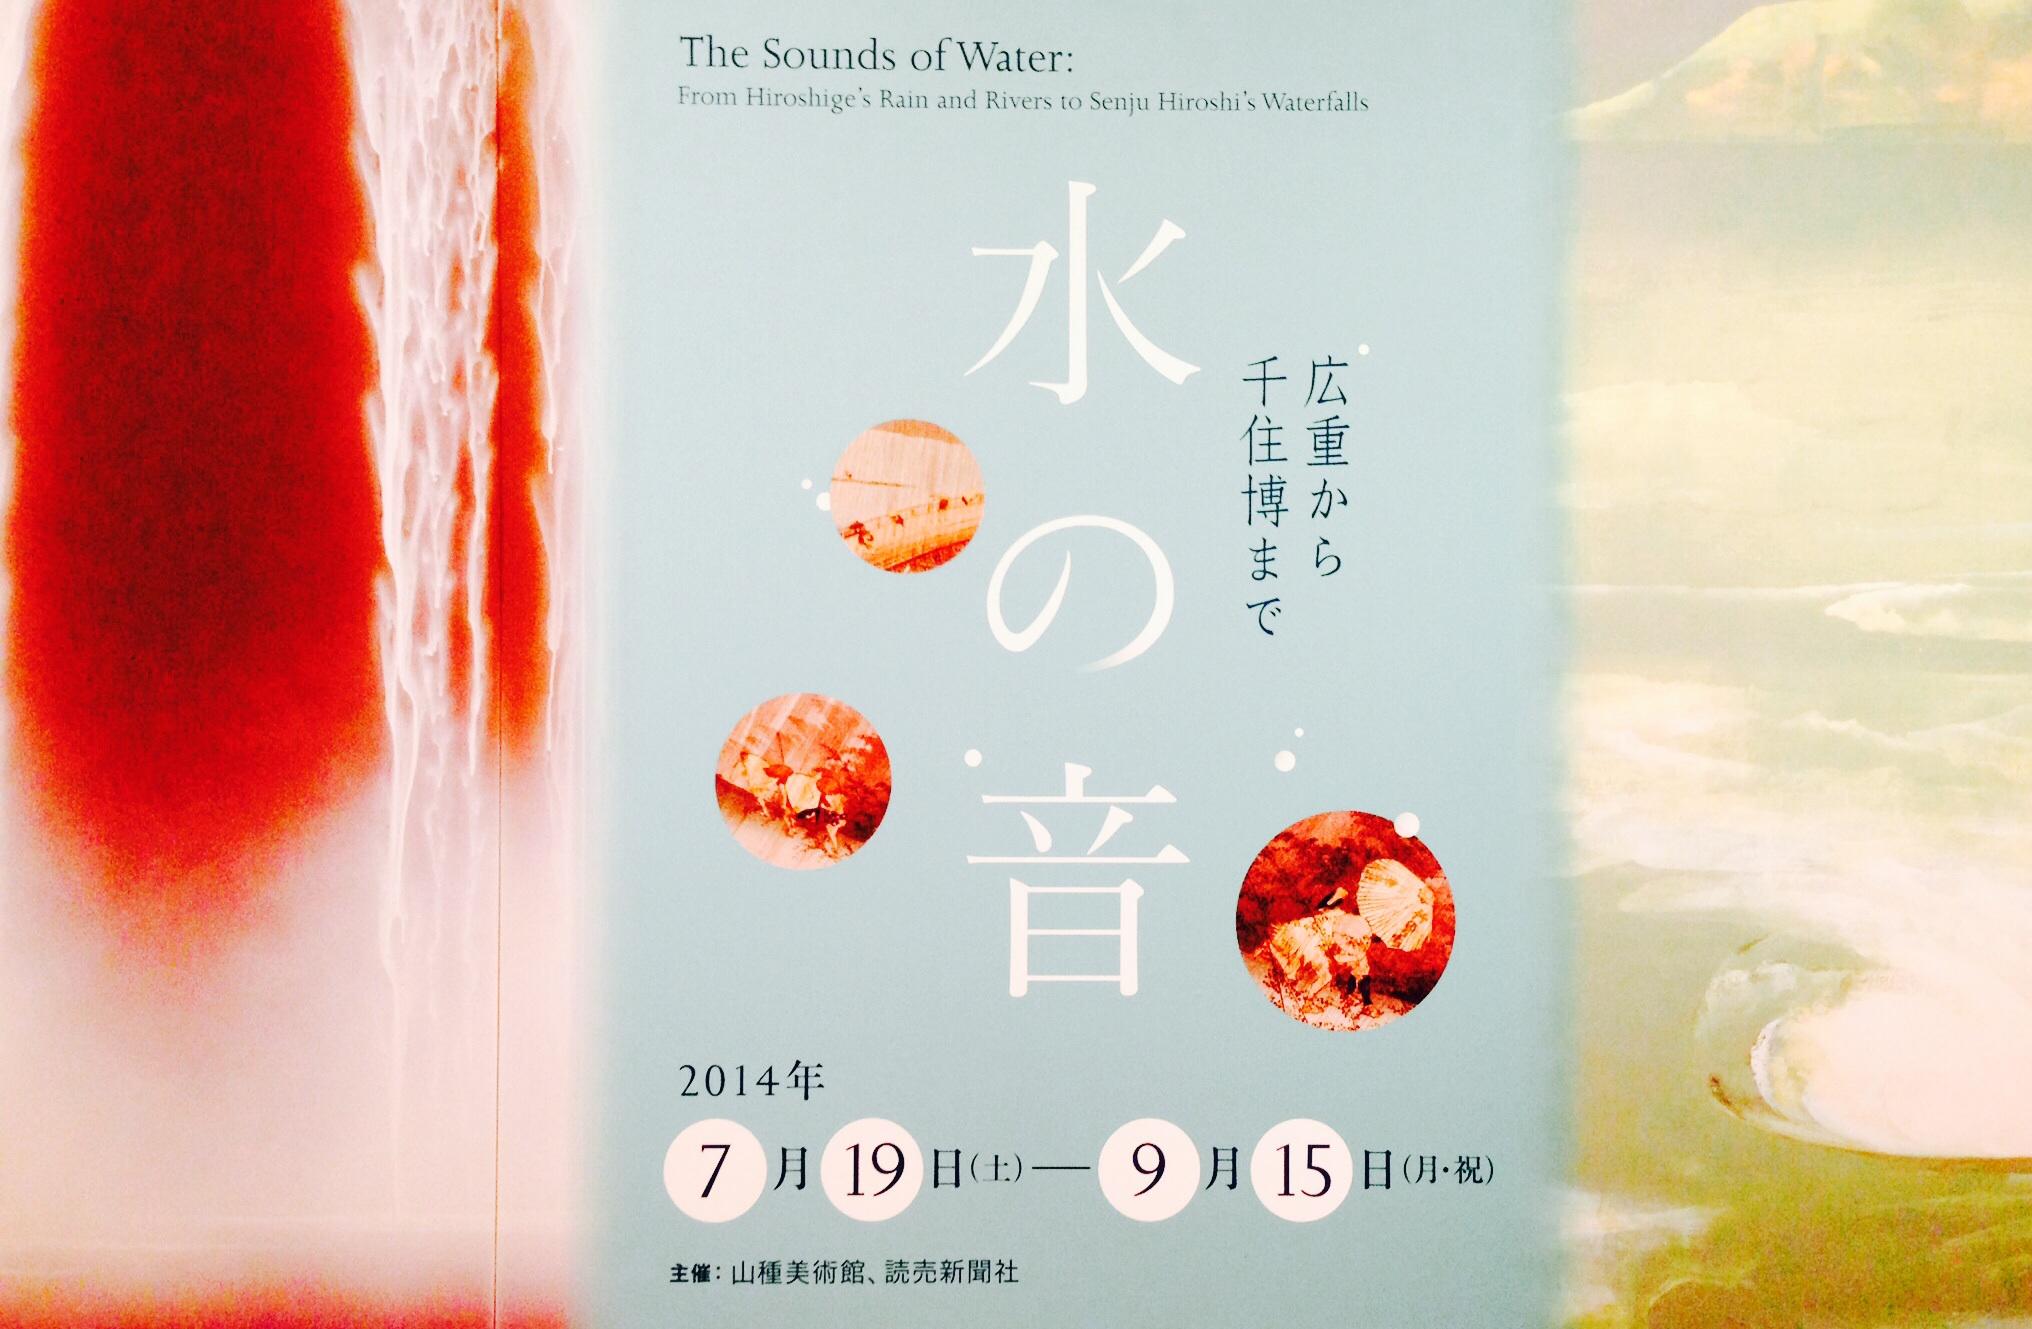 山種美術館 水の音